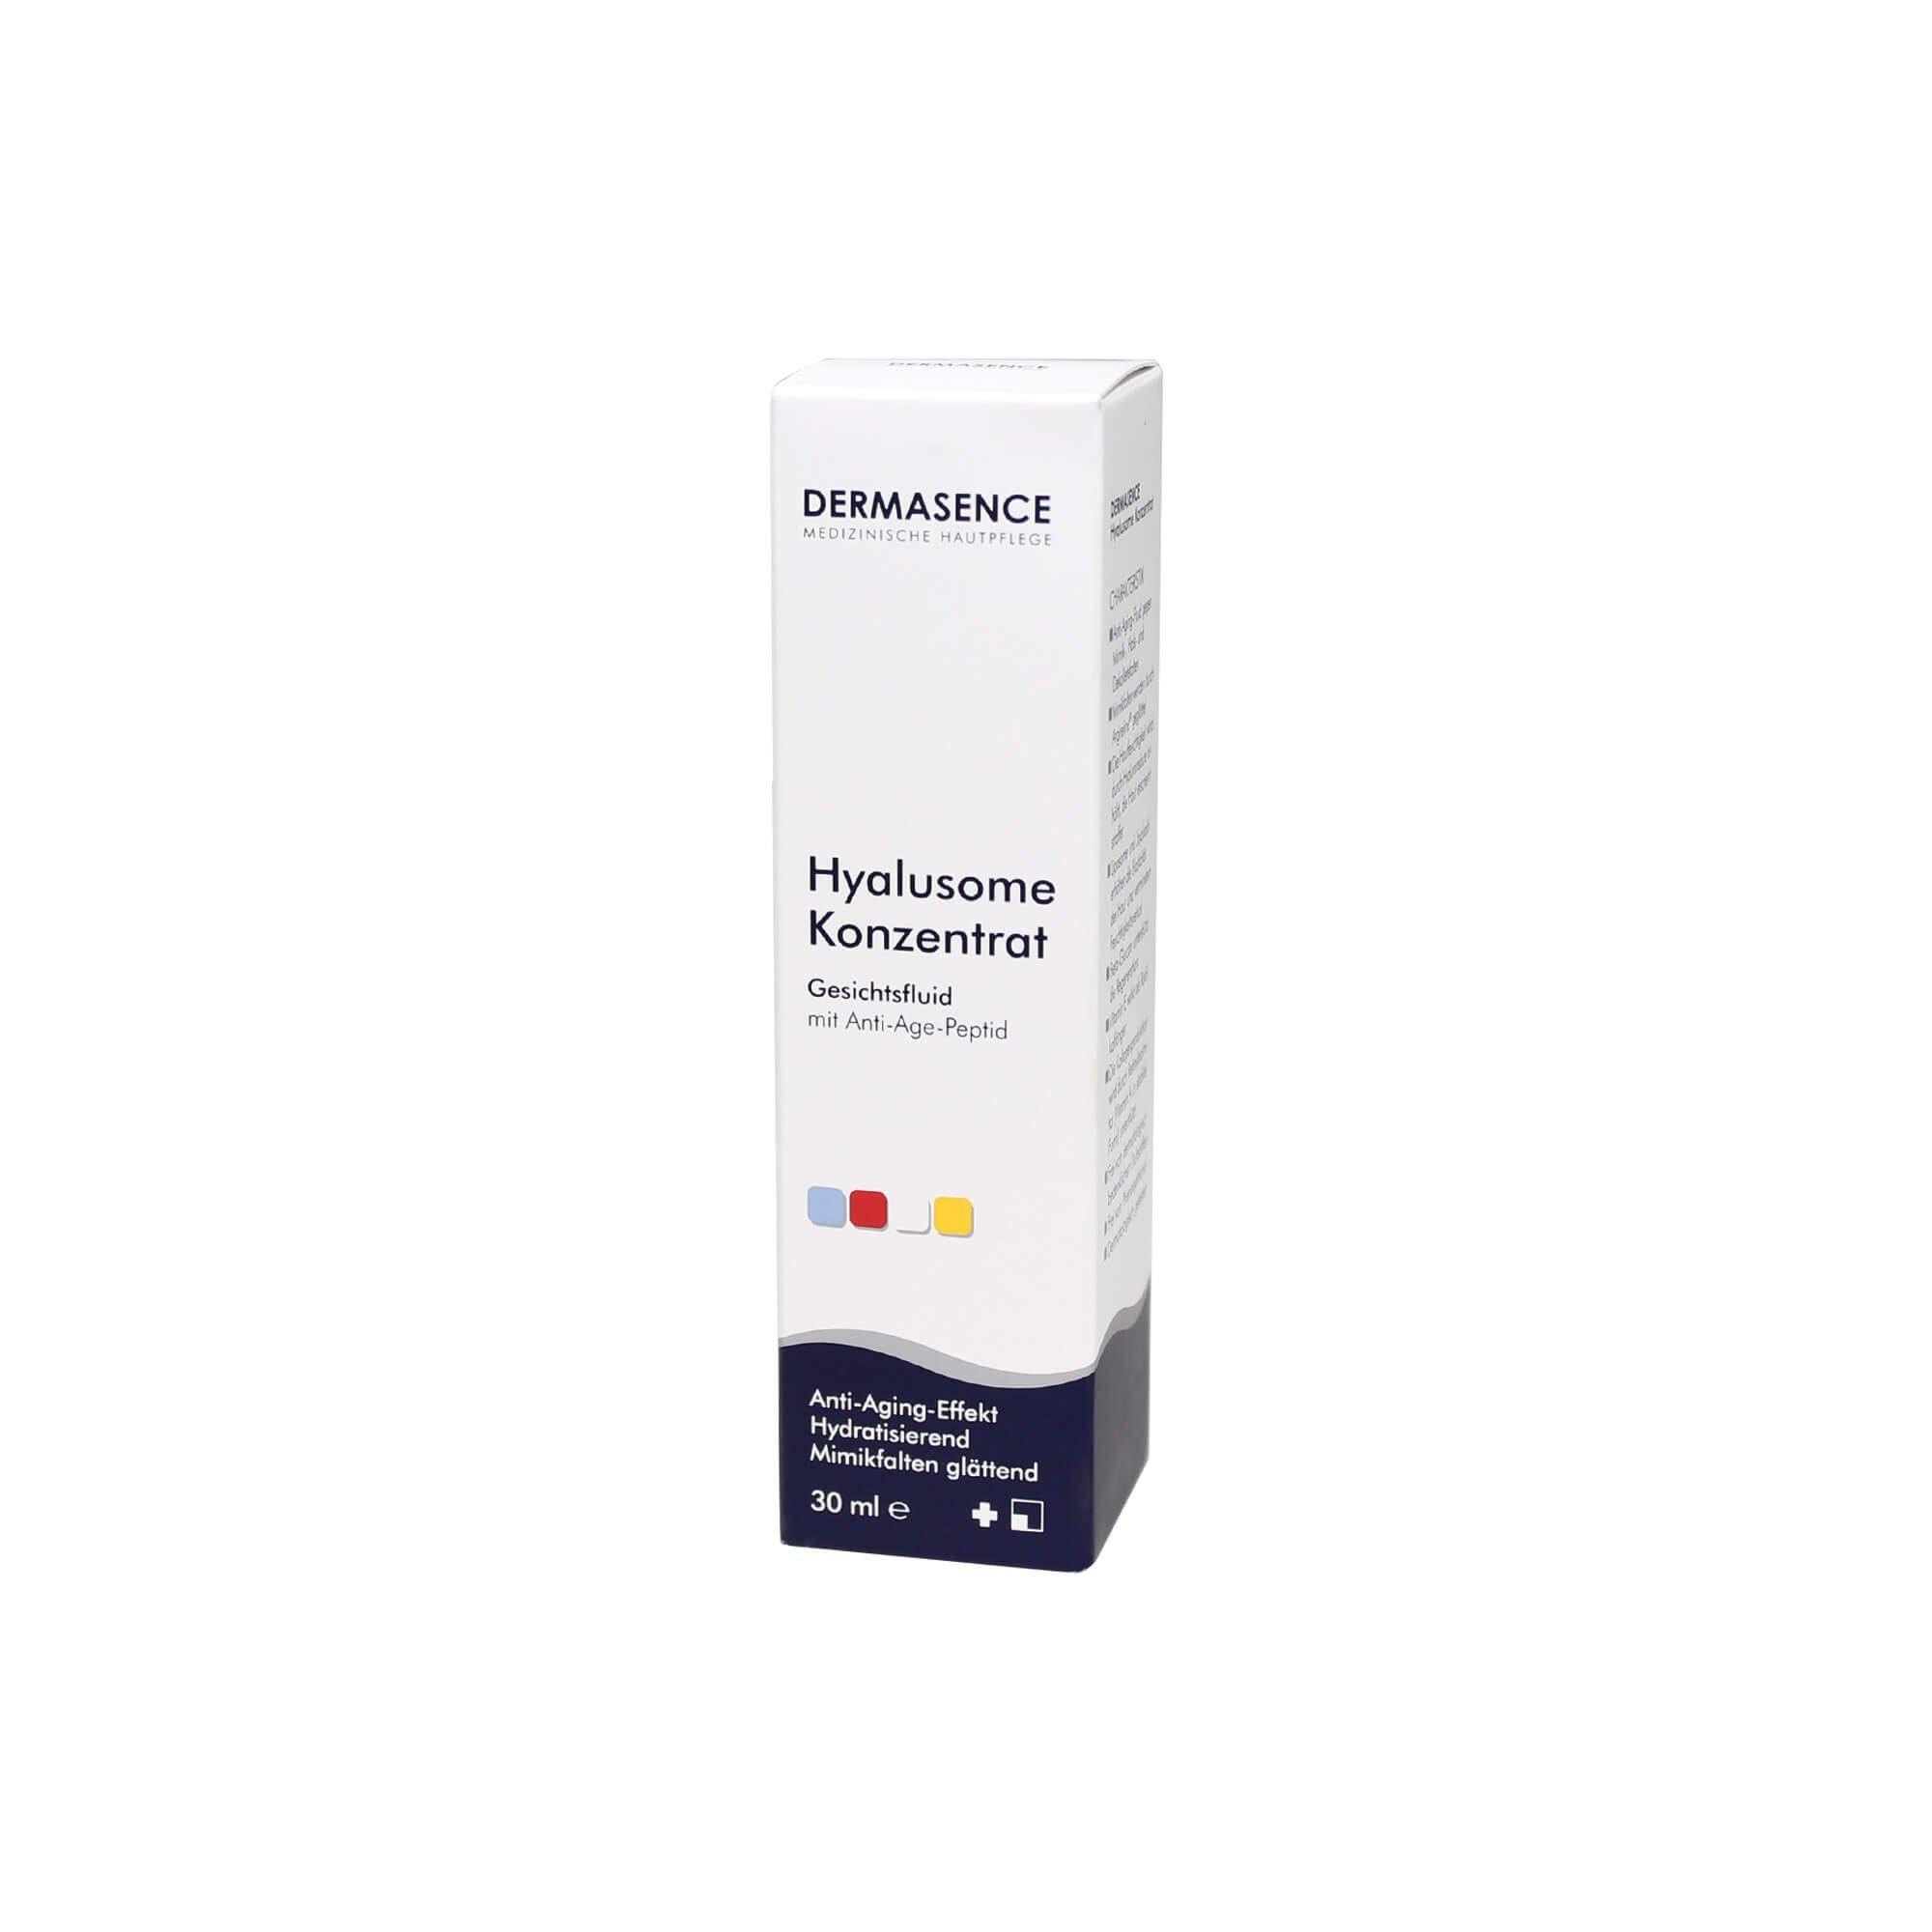 Dermasence Hyalusome Konzentrat , 30 ml